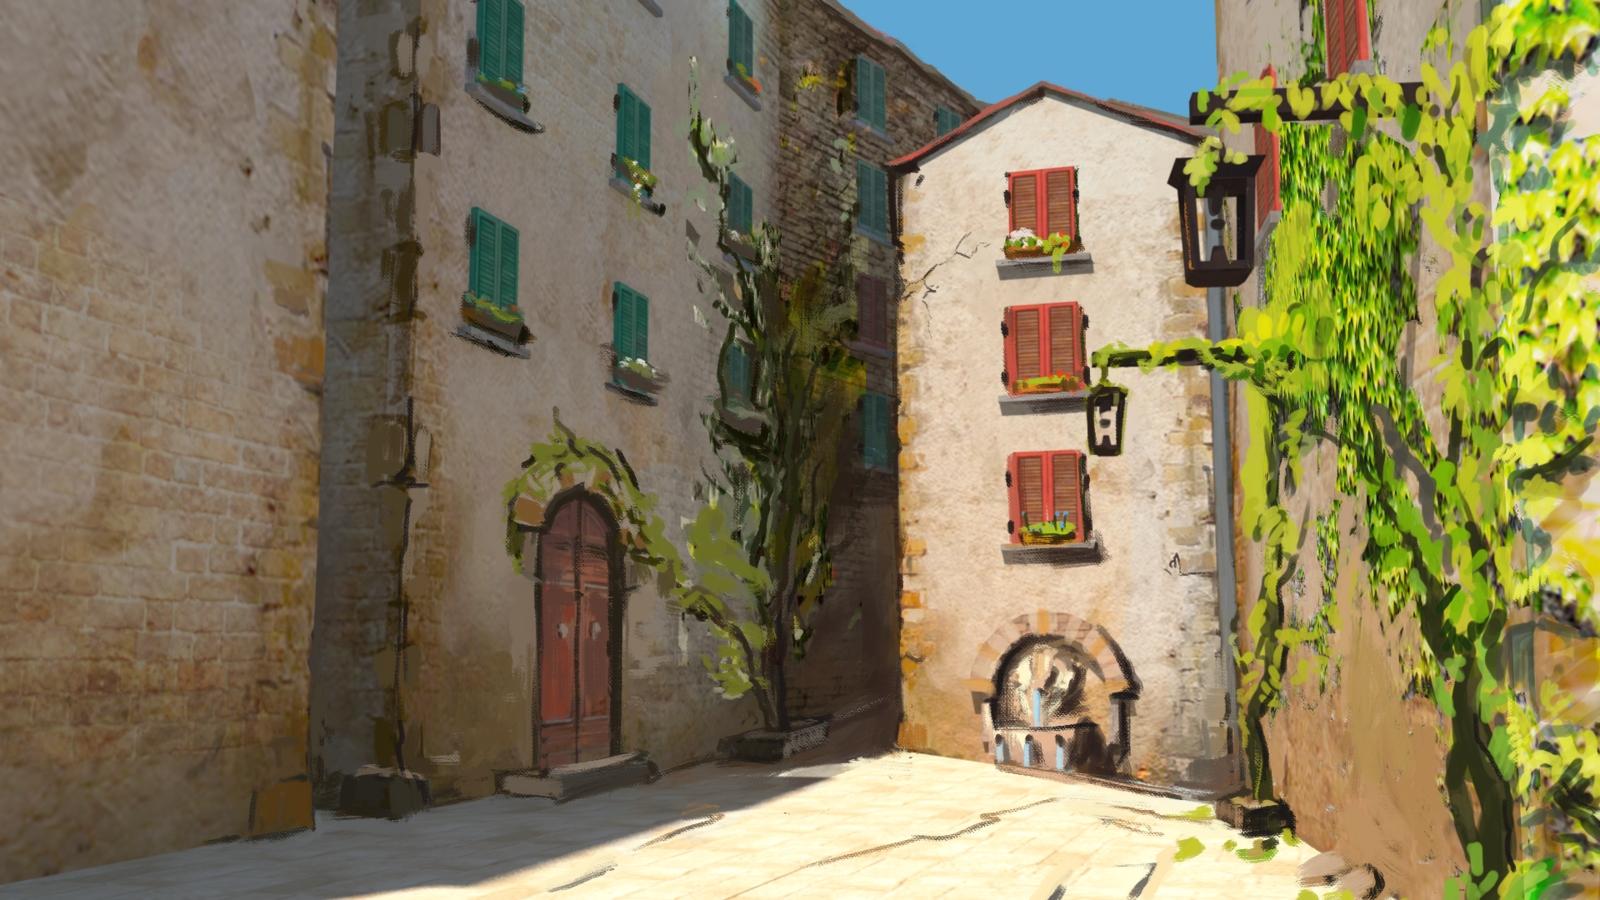 Italian Village Scenesleepytimes On Deviantart Throughout Italian Village Wall Art (View 9 of 20)